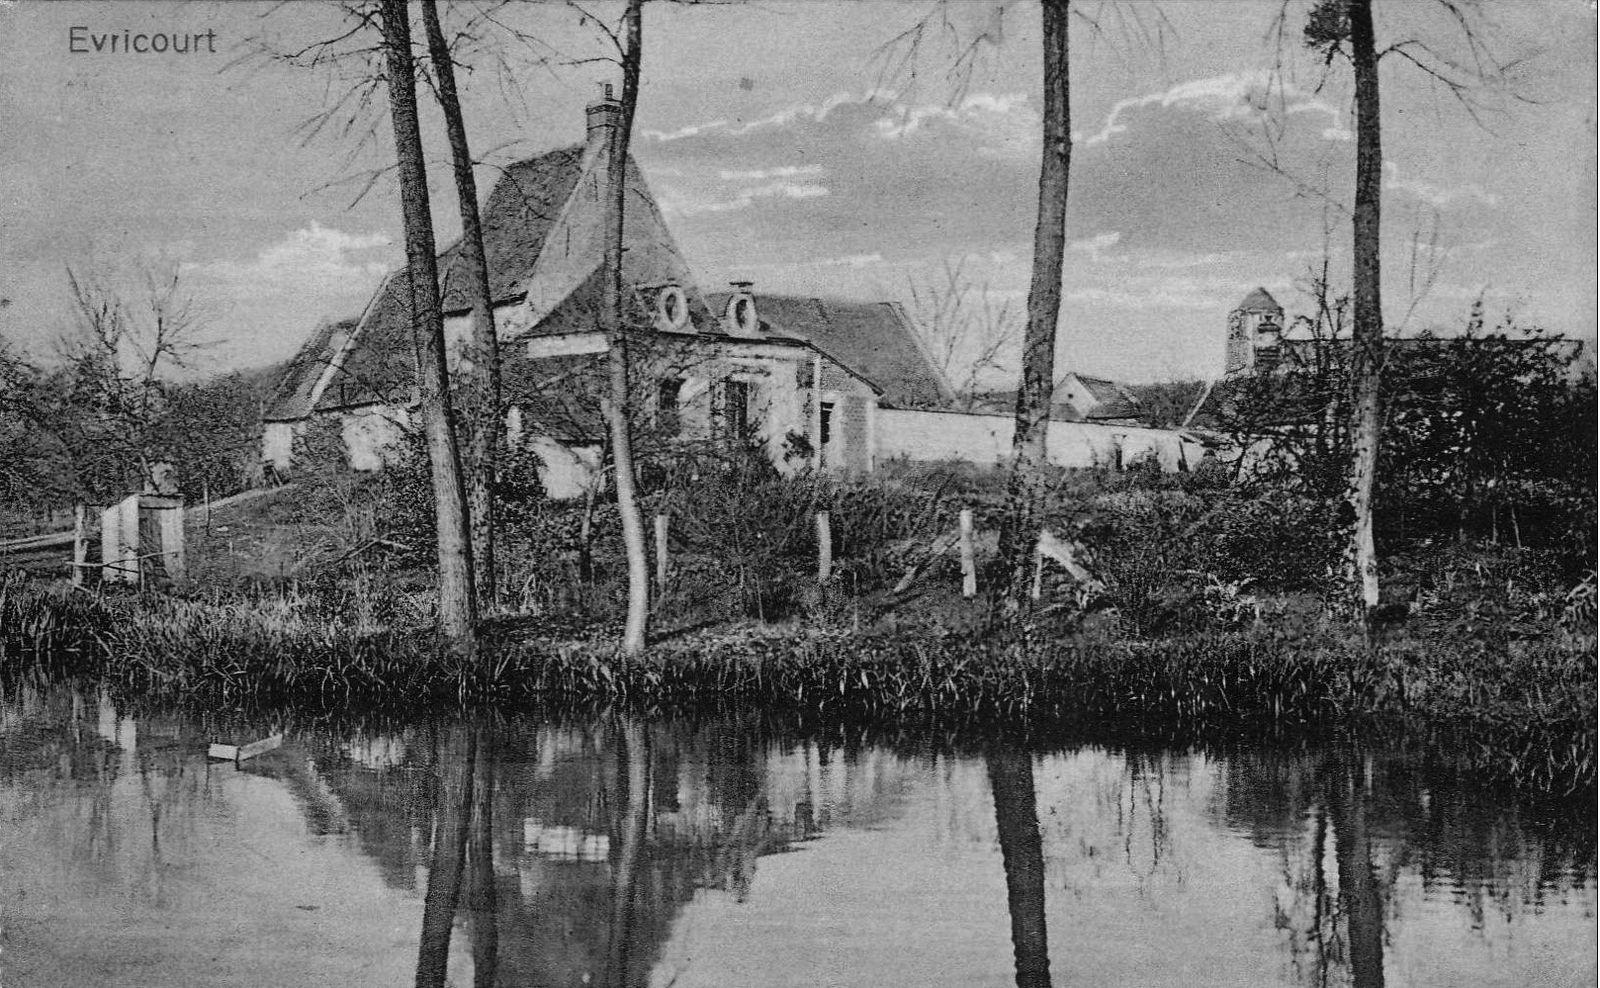 Album - le village de Evricourt (Oise)